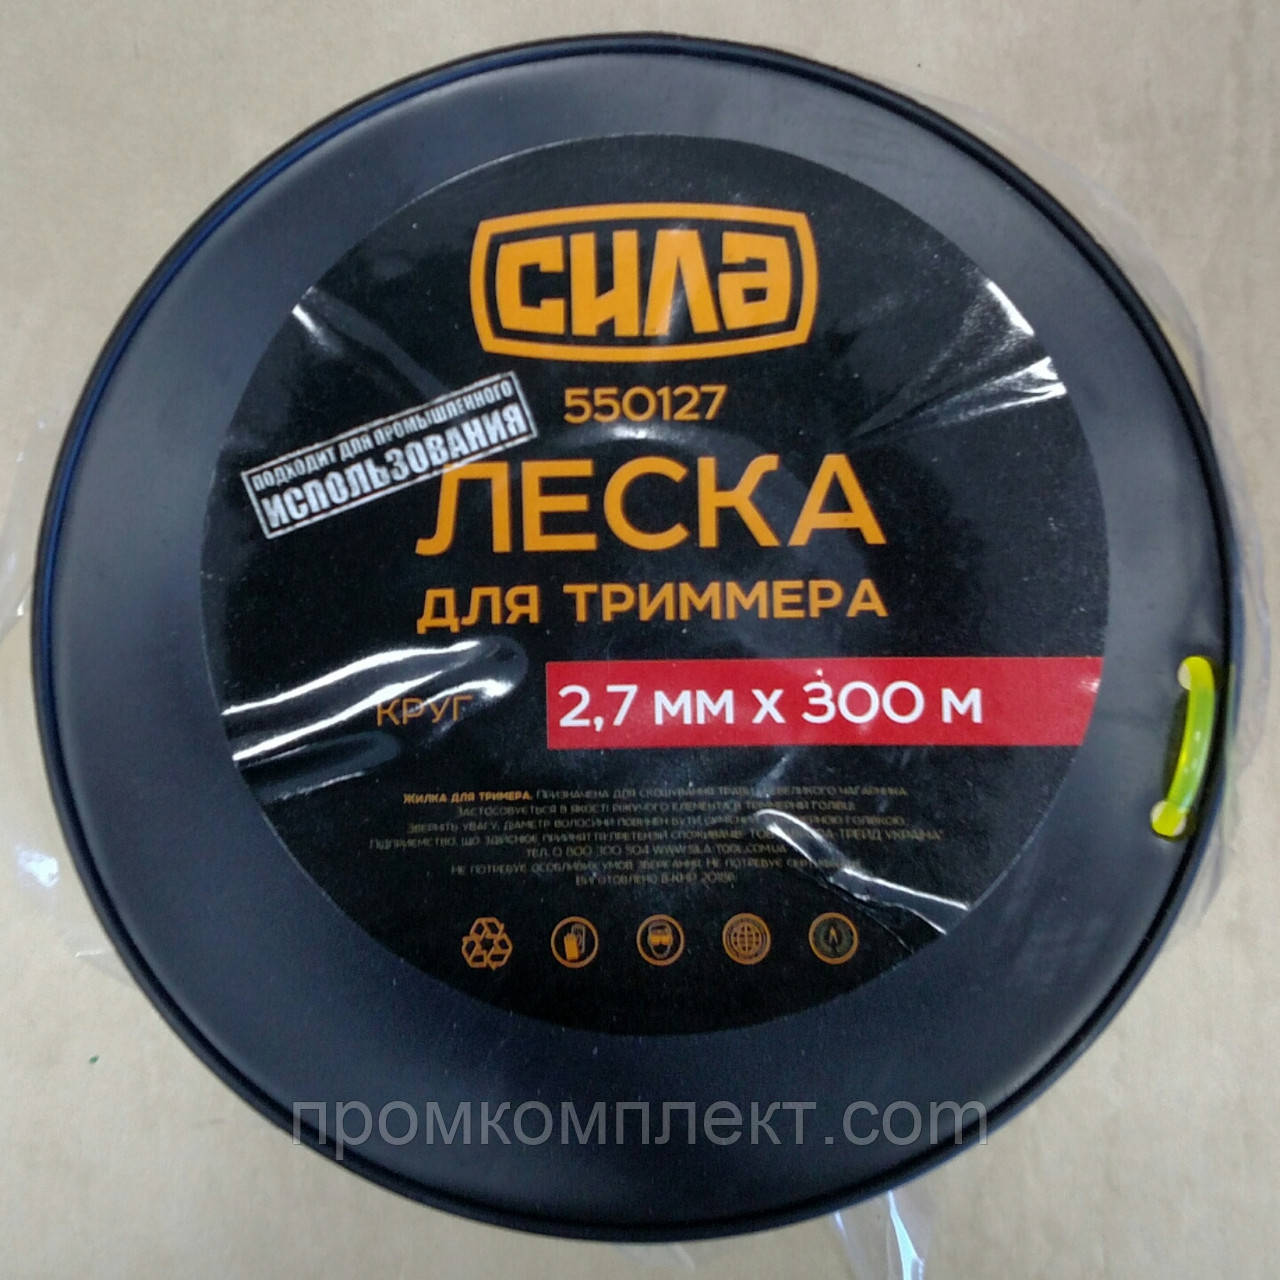 Леска для триммера 2,7 мм круг 300 м СИЛА